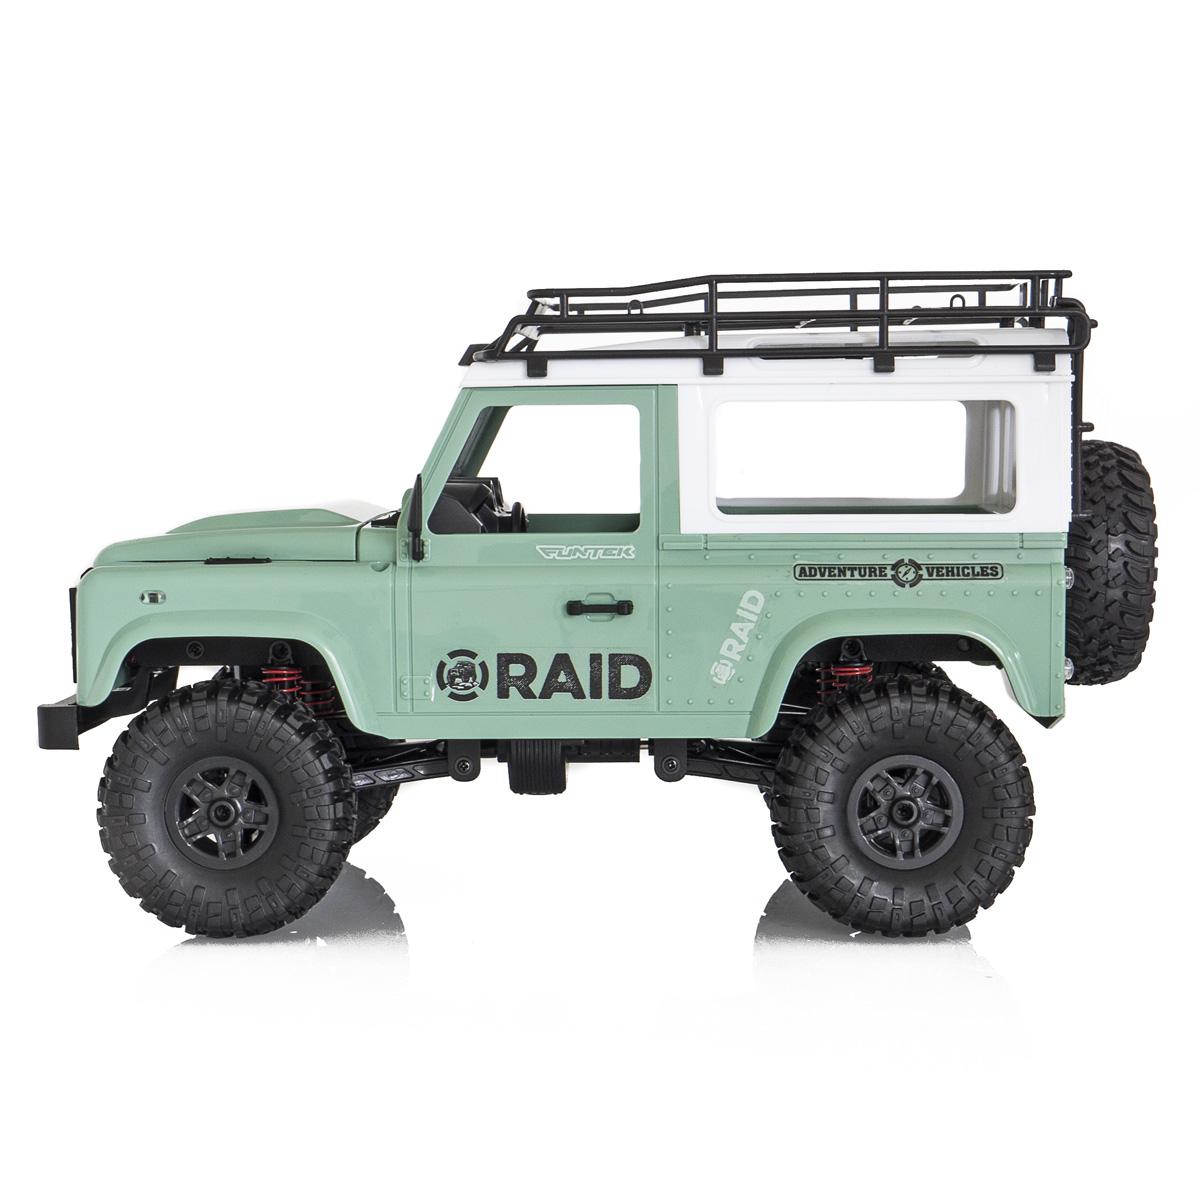 FTK-RAID1-GR_5